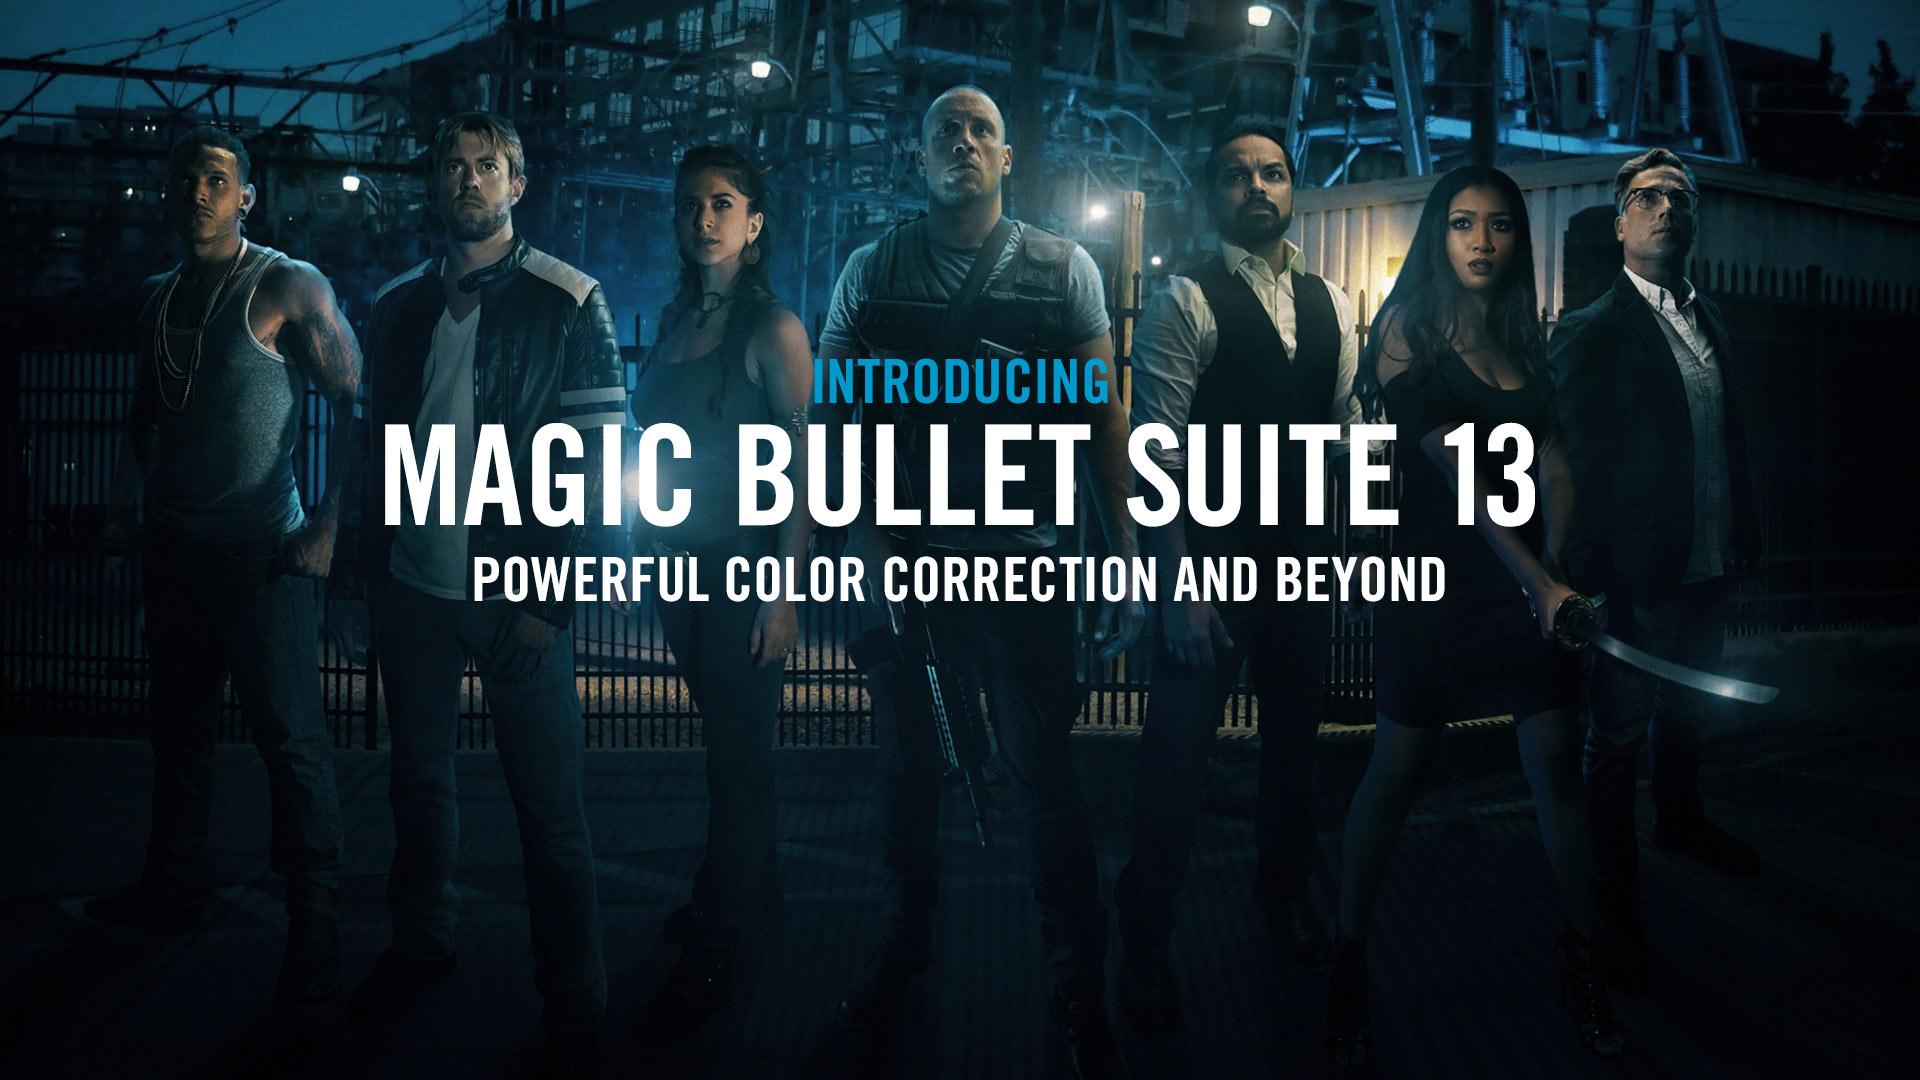 โปรแกรมปรับแสงวิดิโอยอดนิยม Magic Bullet Suite 13